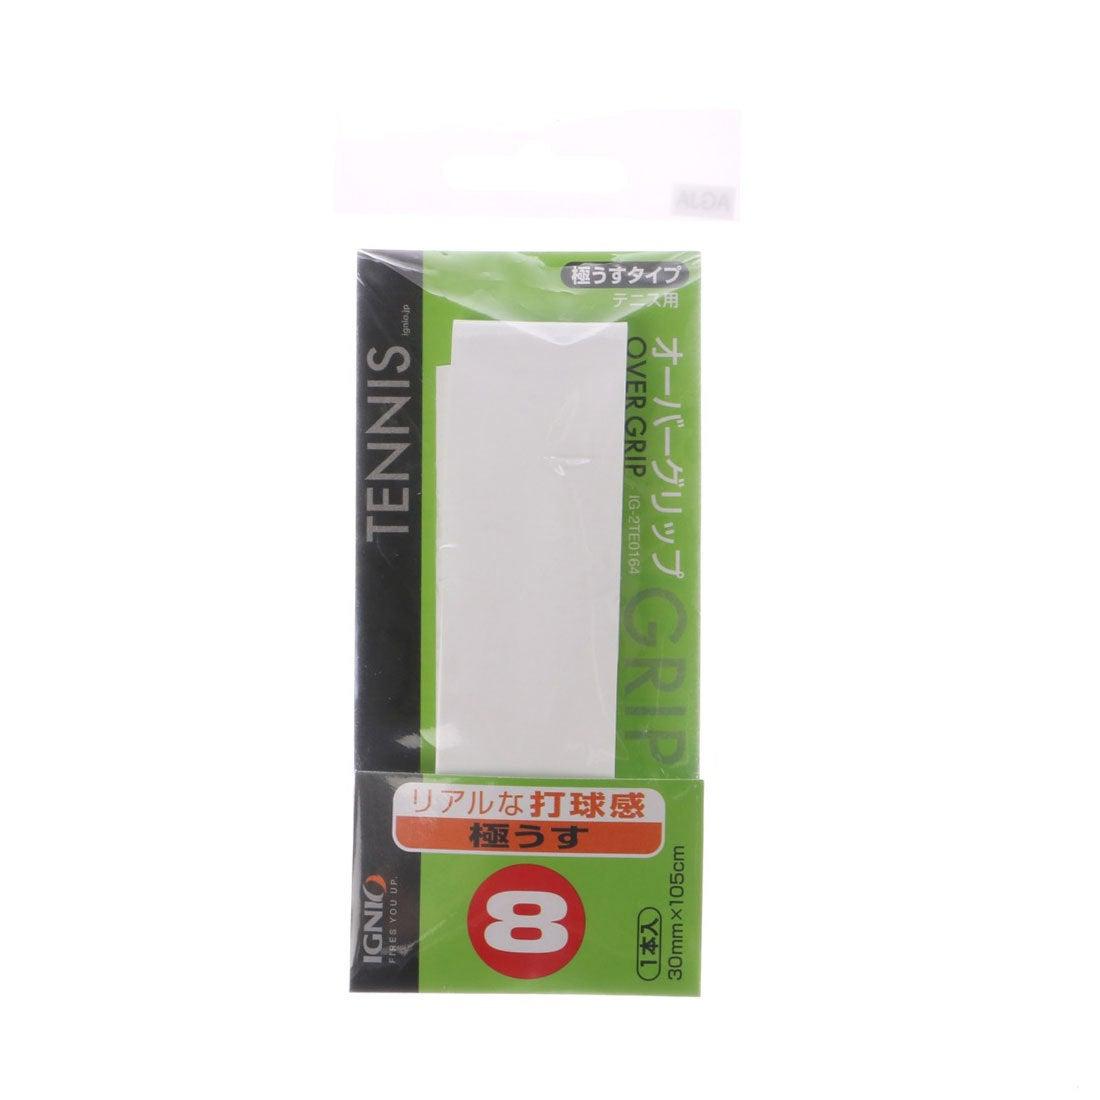 イグニオ IGNIO テニス グリップテープ 2041026207